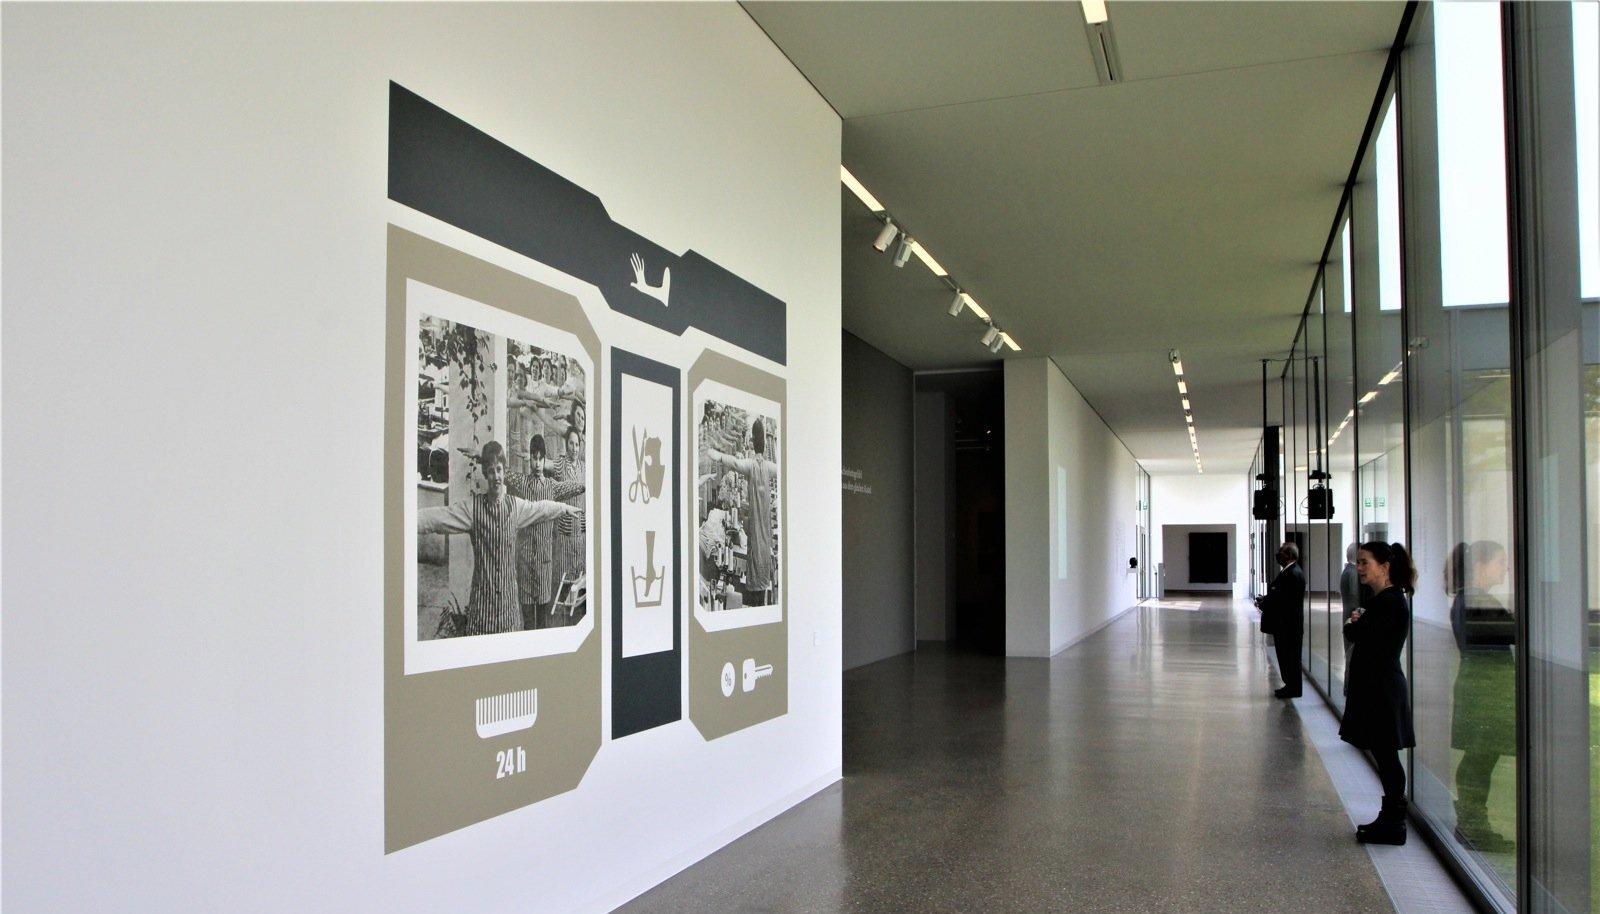 Seinal on üks kahest tööst, mille Marge Monko tegi spetsiaalselt Esseni näituse jaoks.